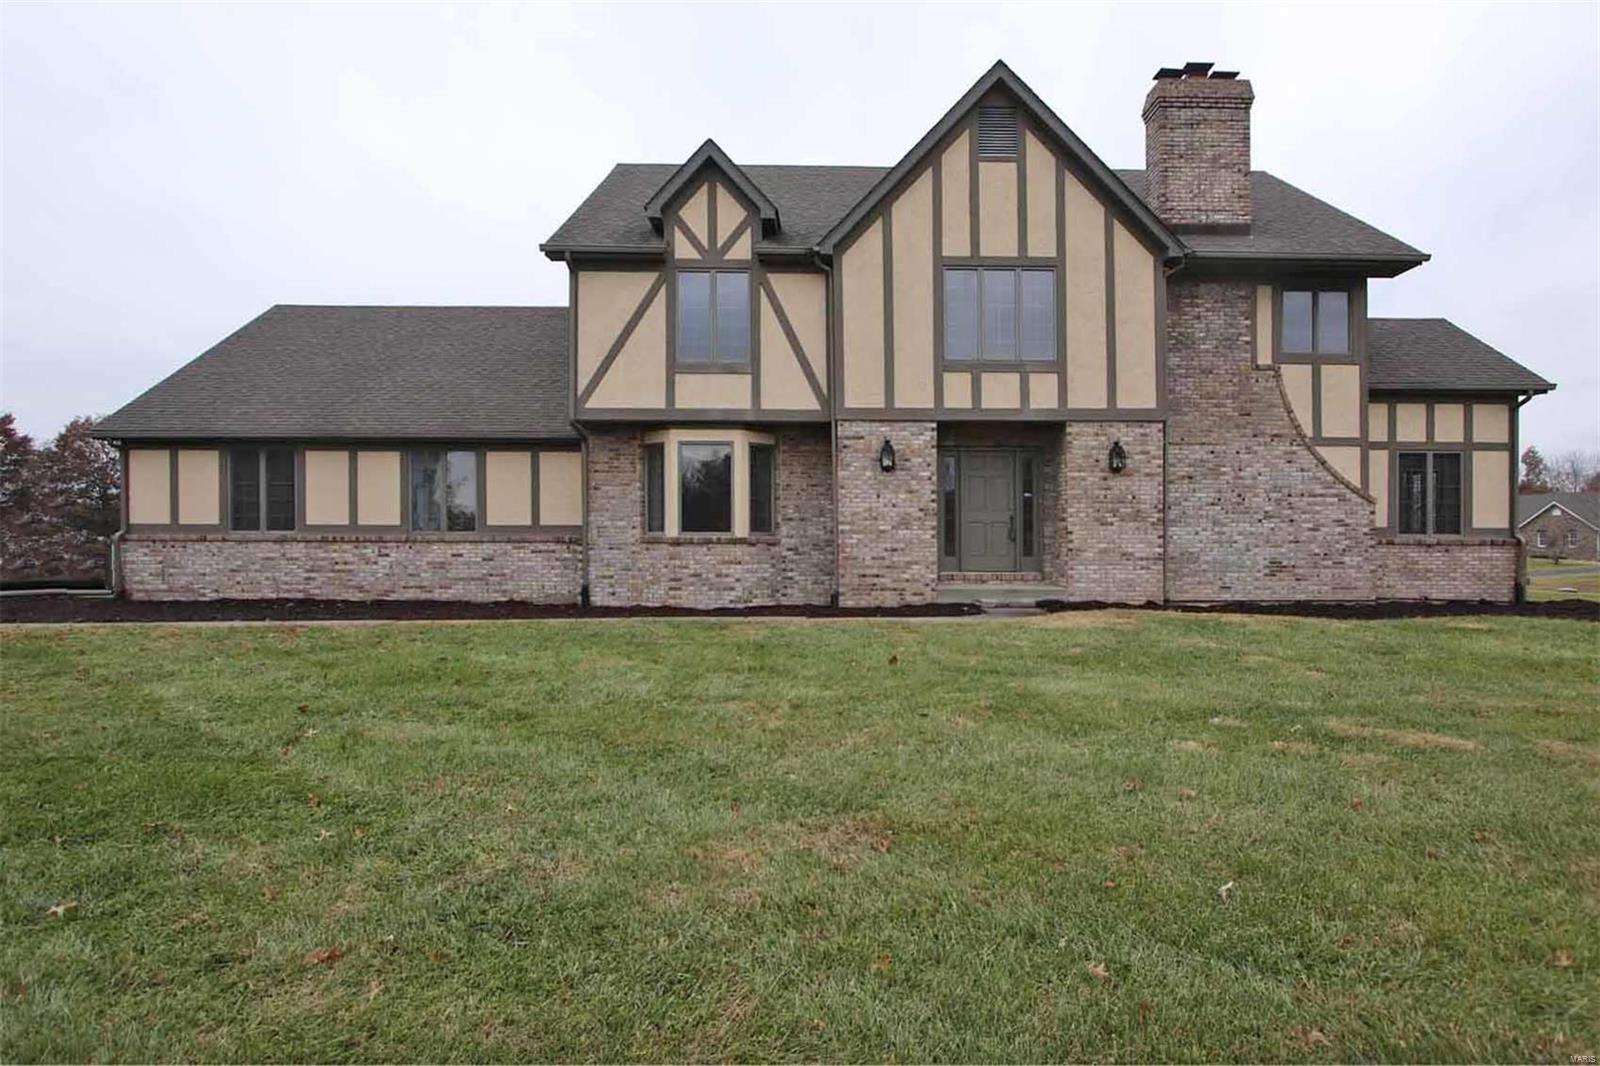 4065 Bur Oak Drive, Smithton, IL 62285 - MLS#: 19085394